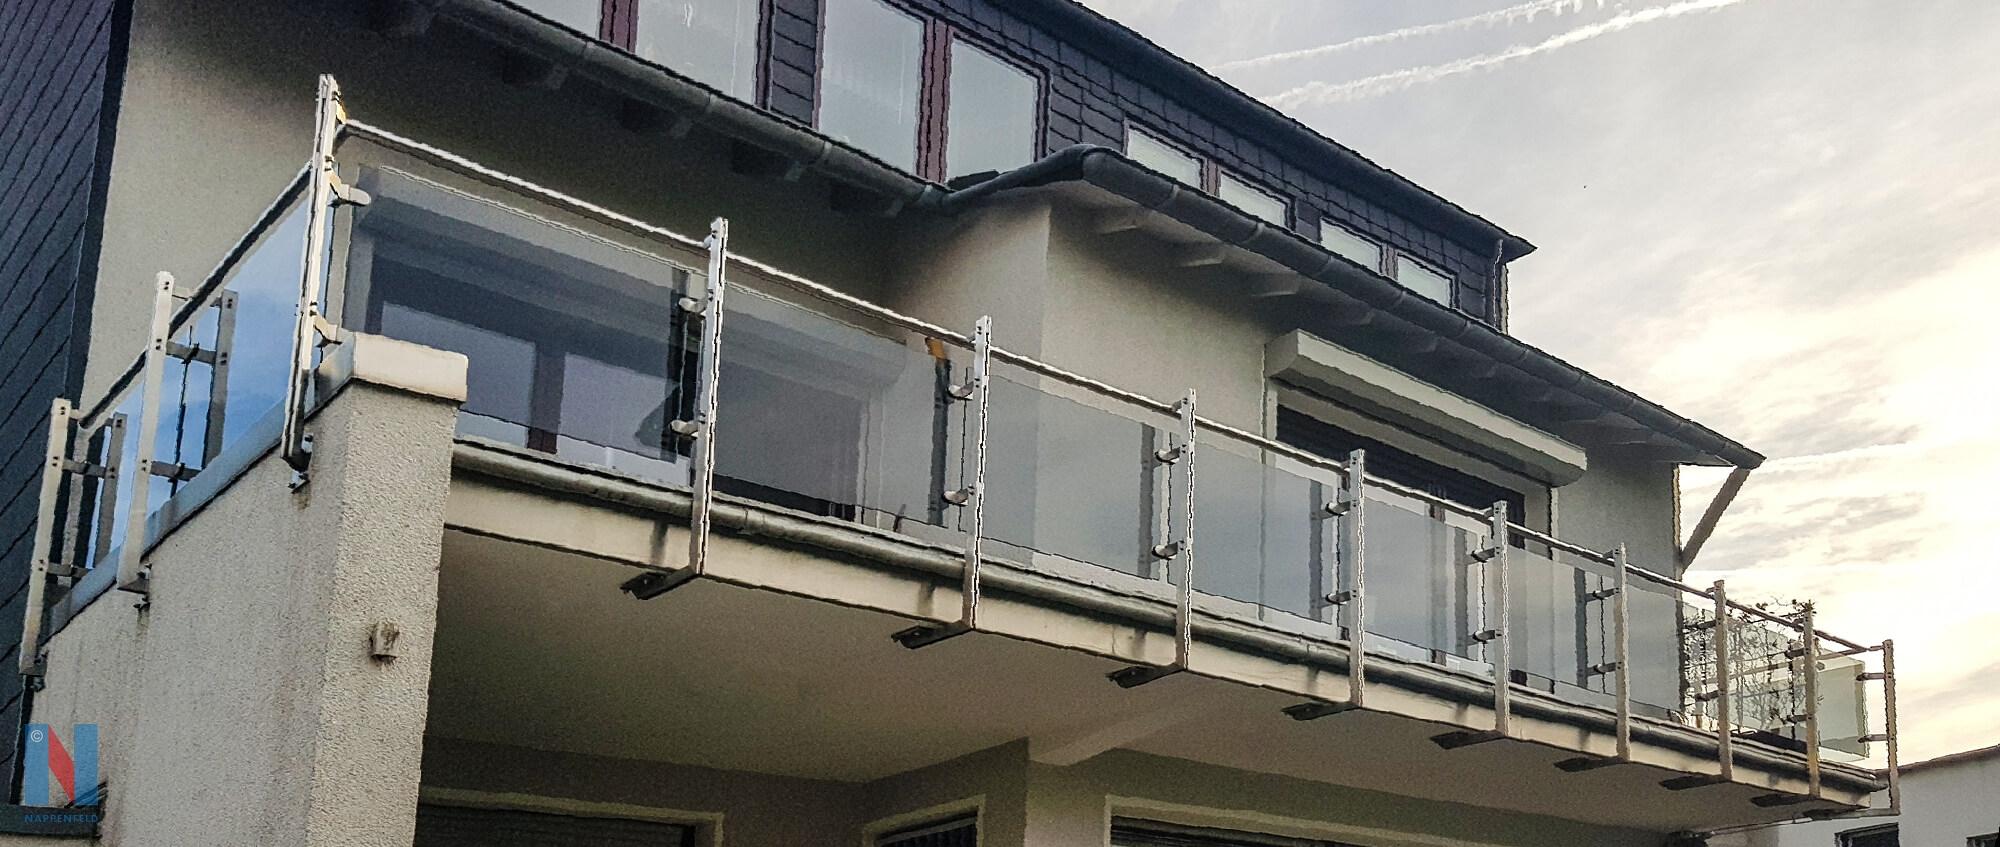 Acht Meter Balkongeländer aus Edelstahl verbaute die Edelstahlschlosserei Nappenfeld für ein 3-Familienhaus in Mülheim